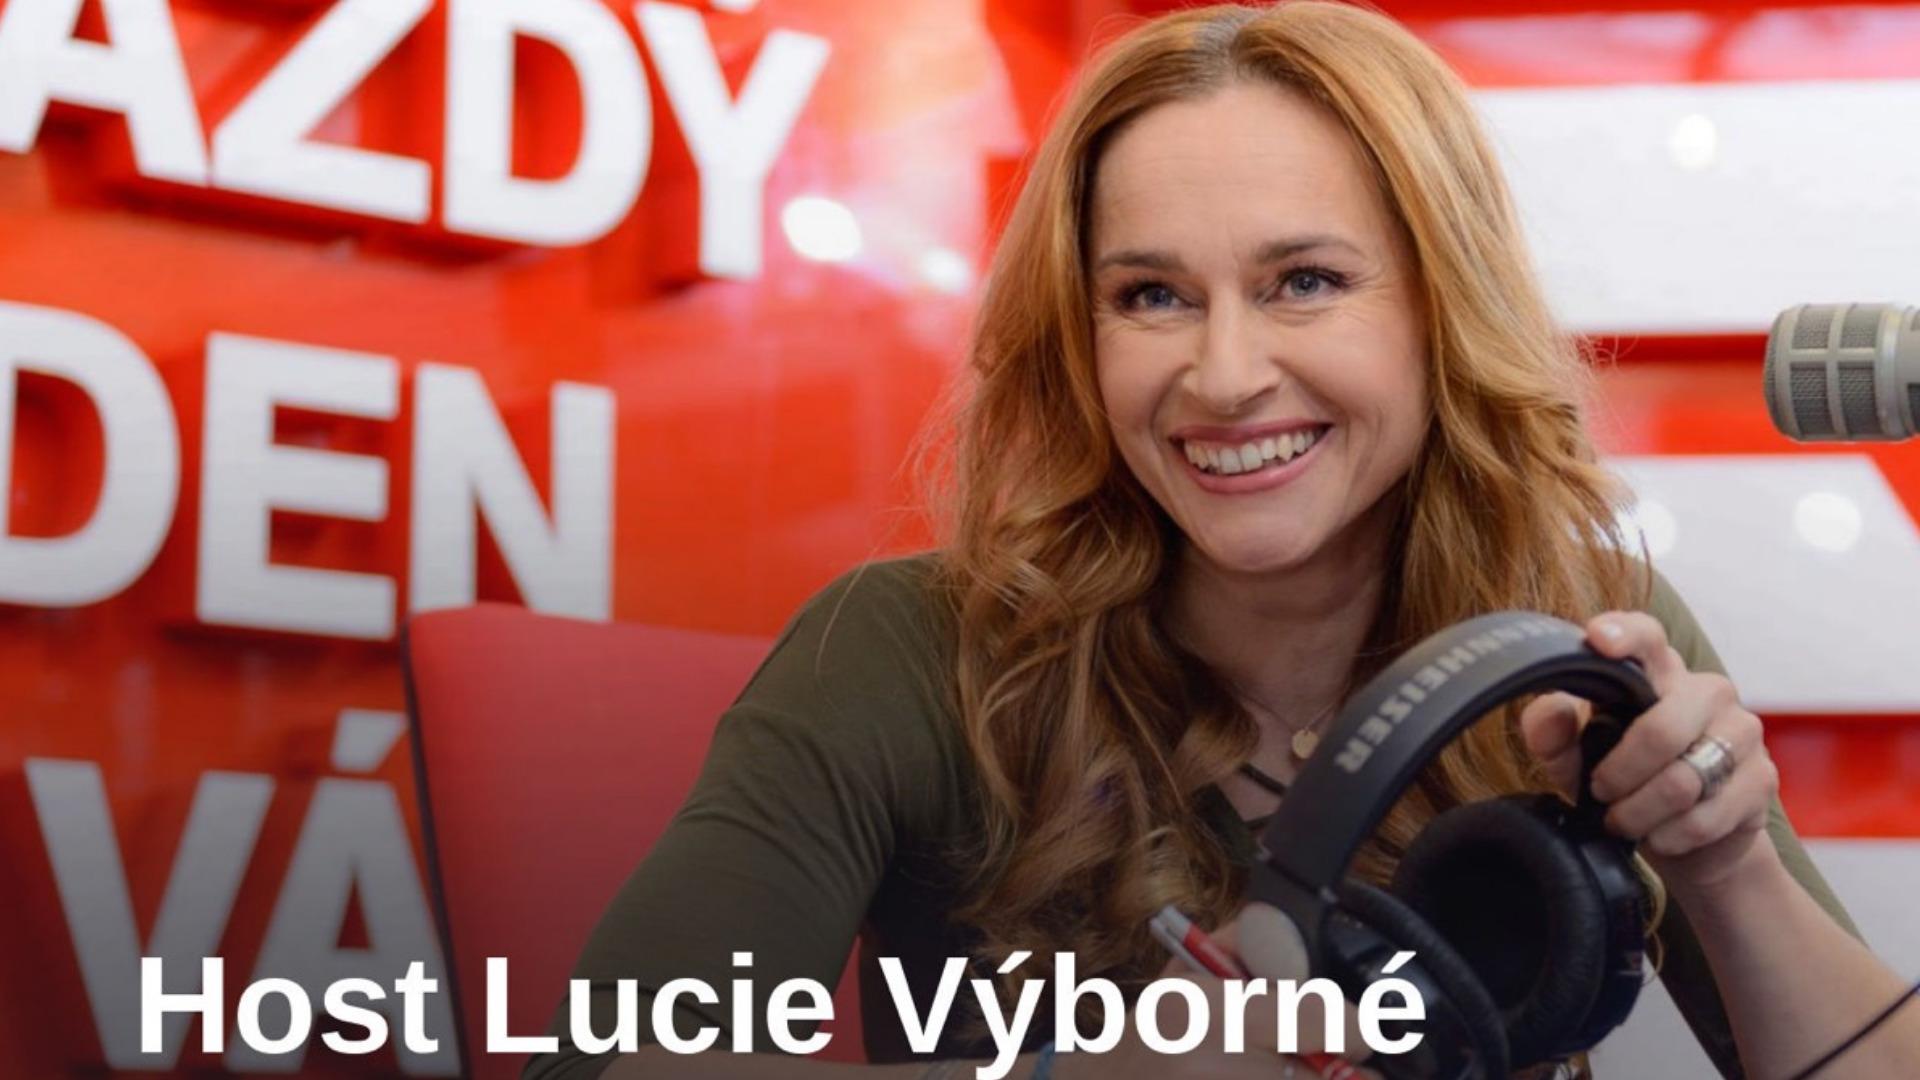 Radiožurnál host Lucie Výborné